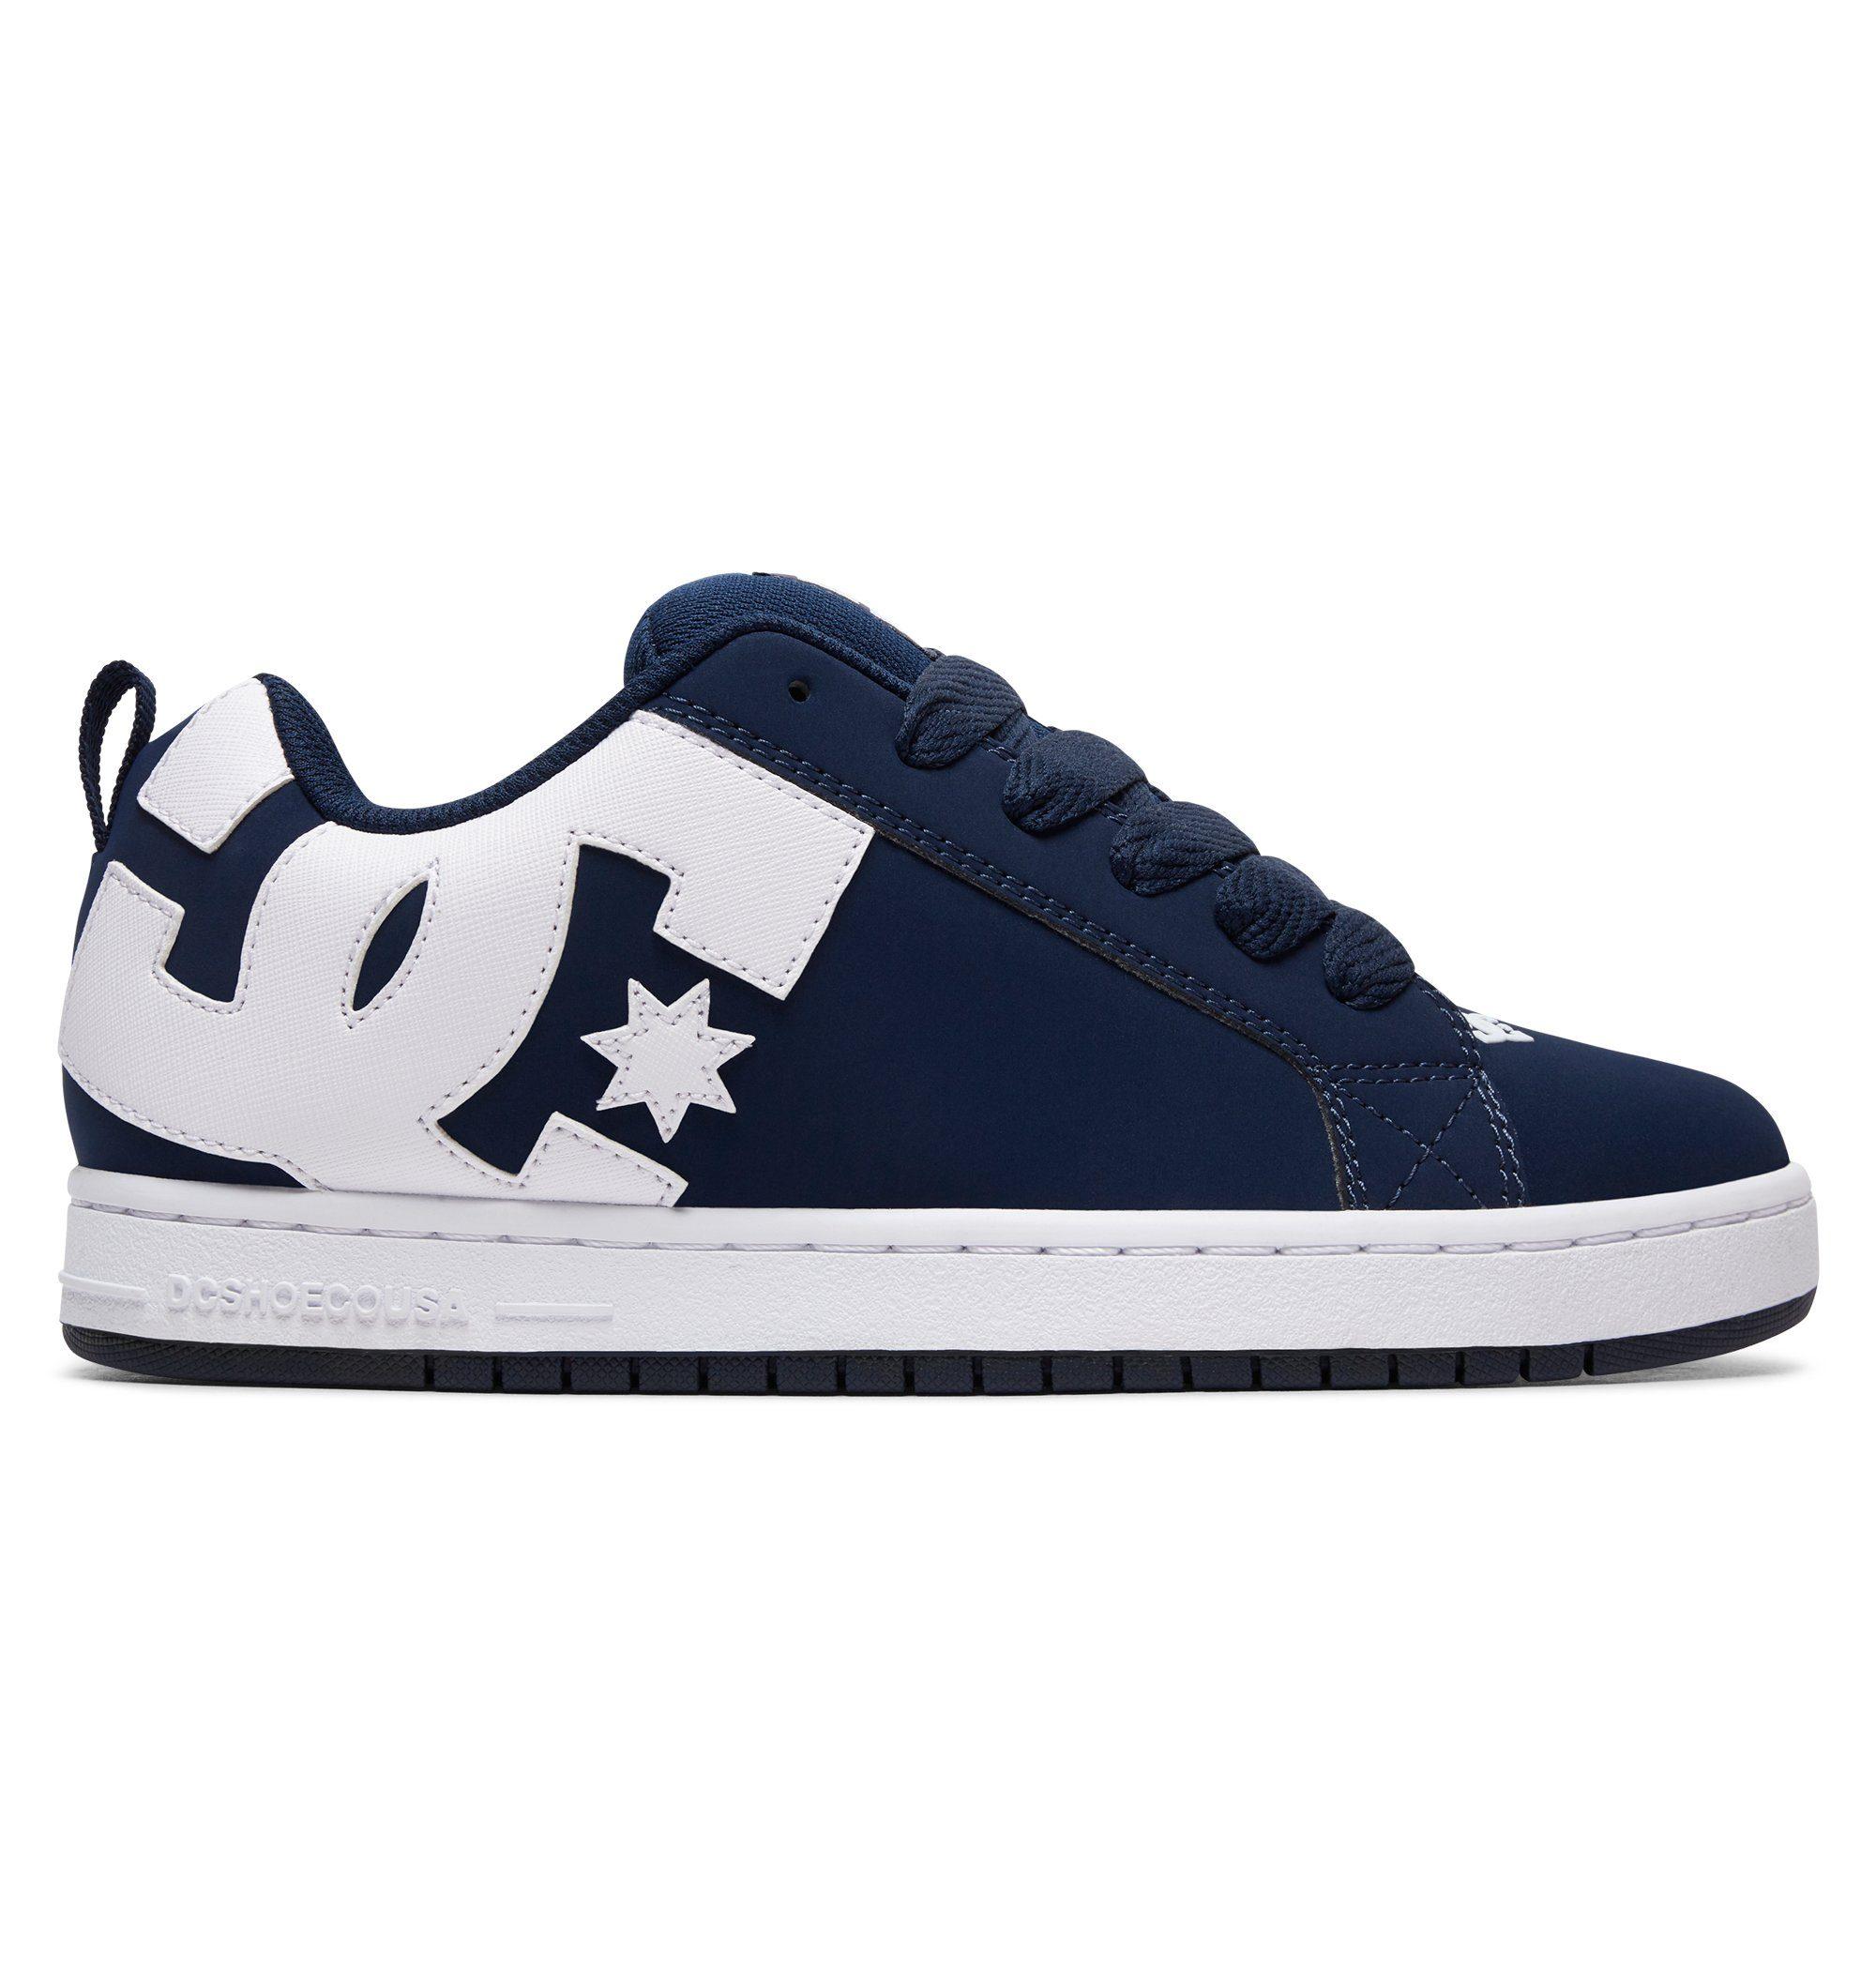 DC Shoes Schuhe Court Graffik online kaufen  Navy white